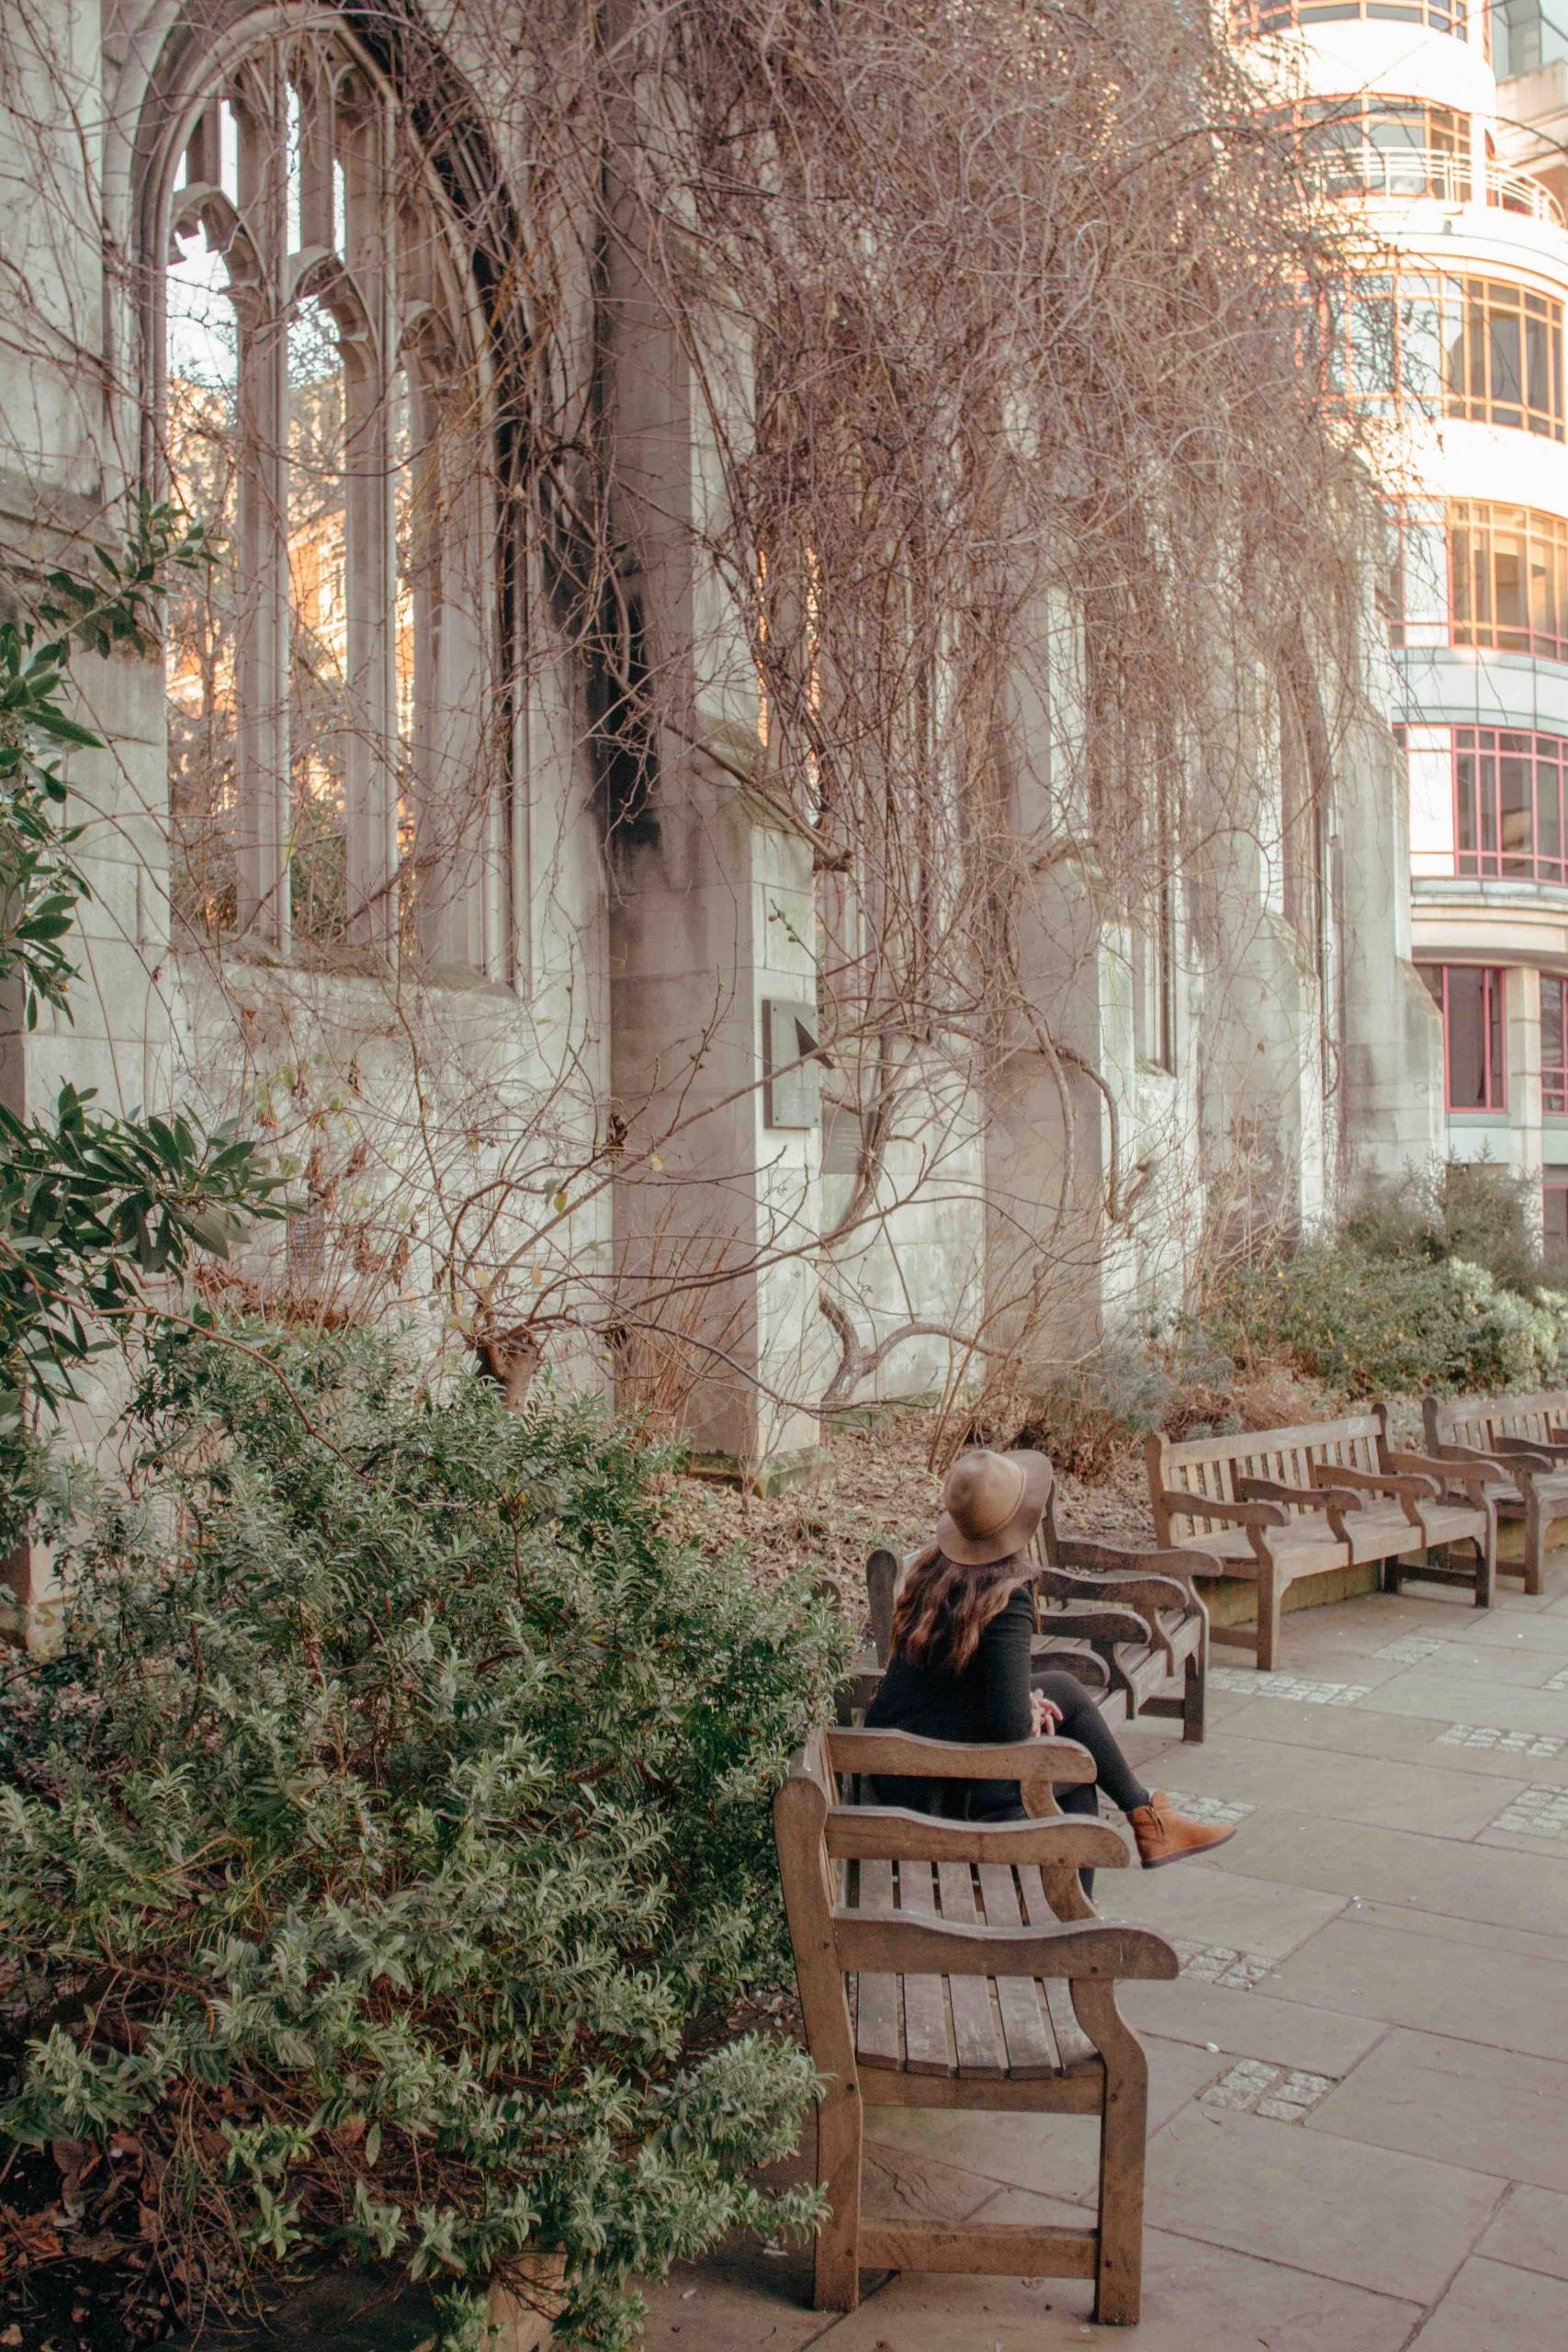 luoghi poco conosciuti di Londra: chiesa abbandonata